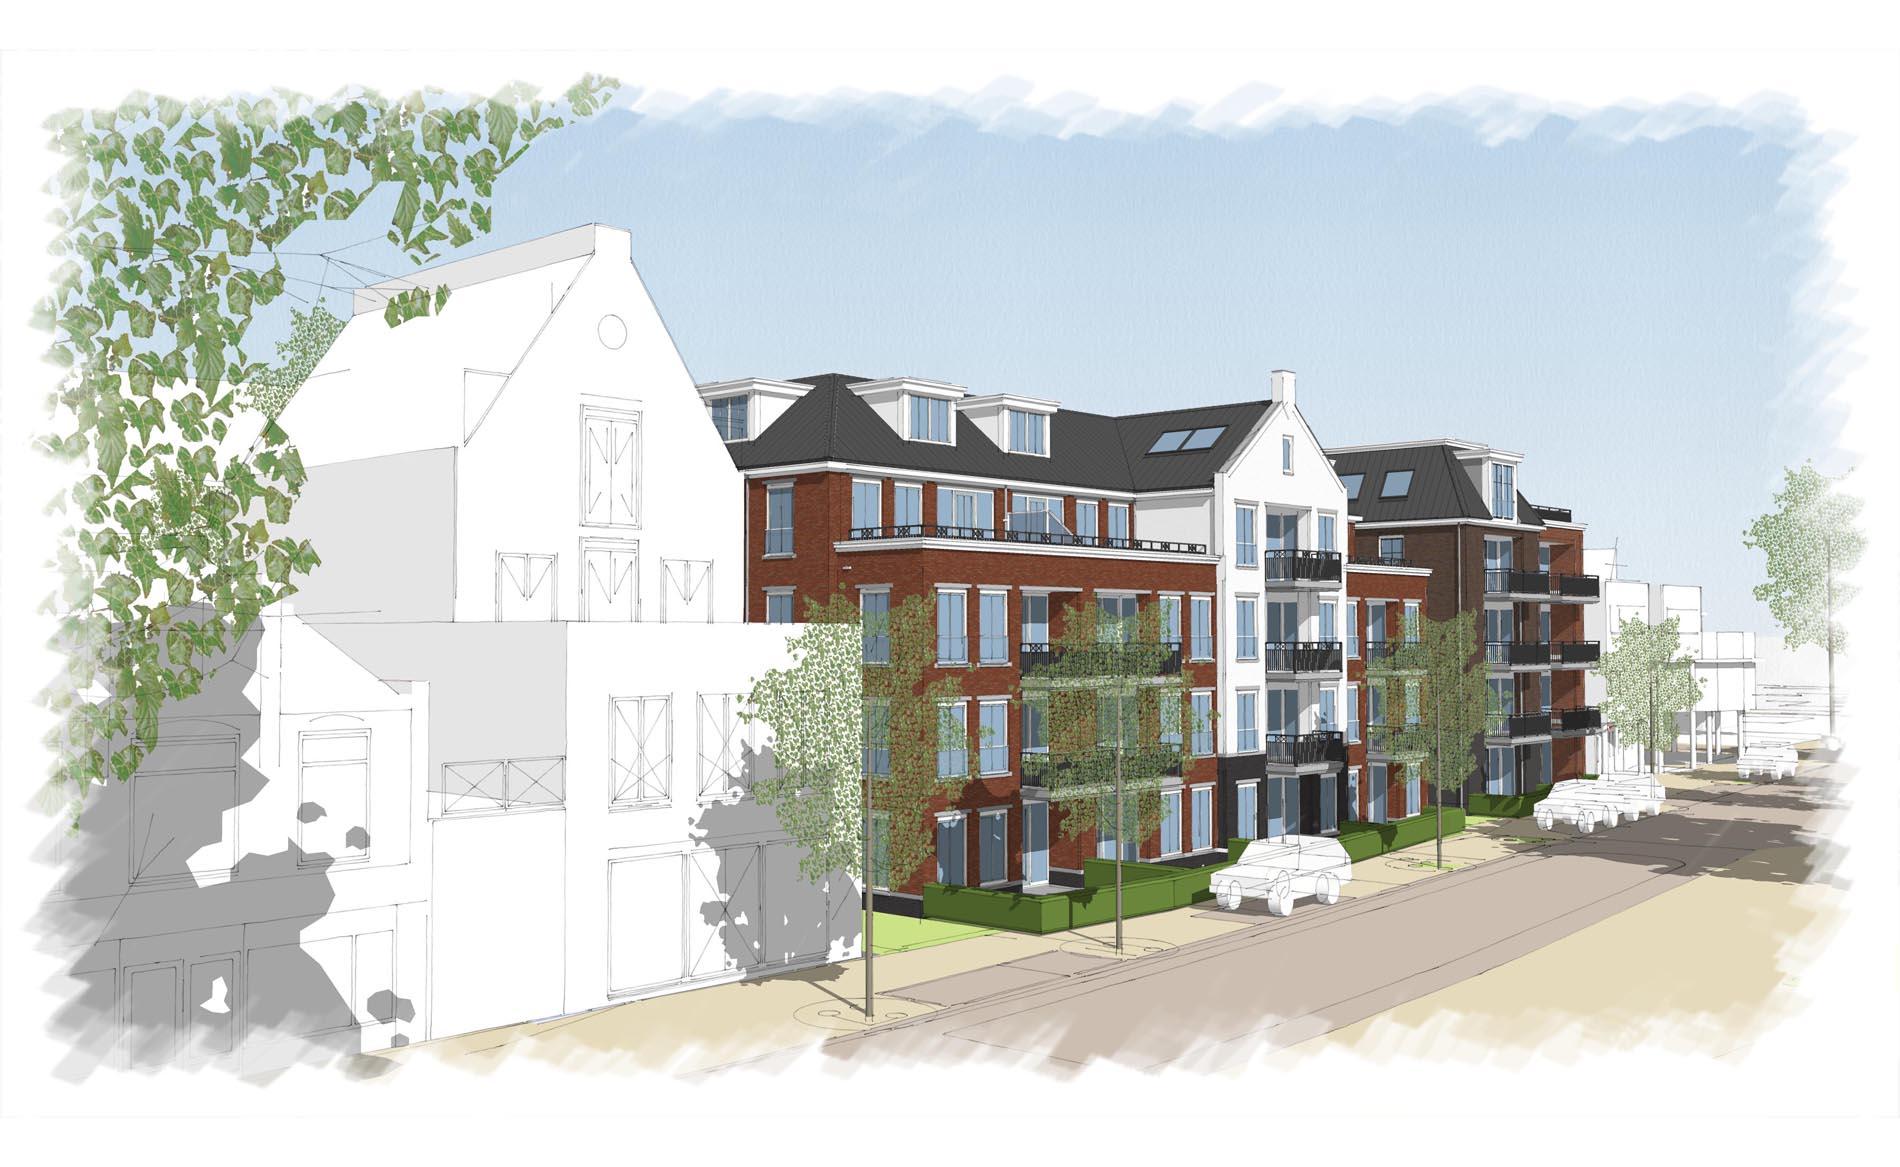 architect woningbouw appartementen participatie Schagen BBHD architecten